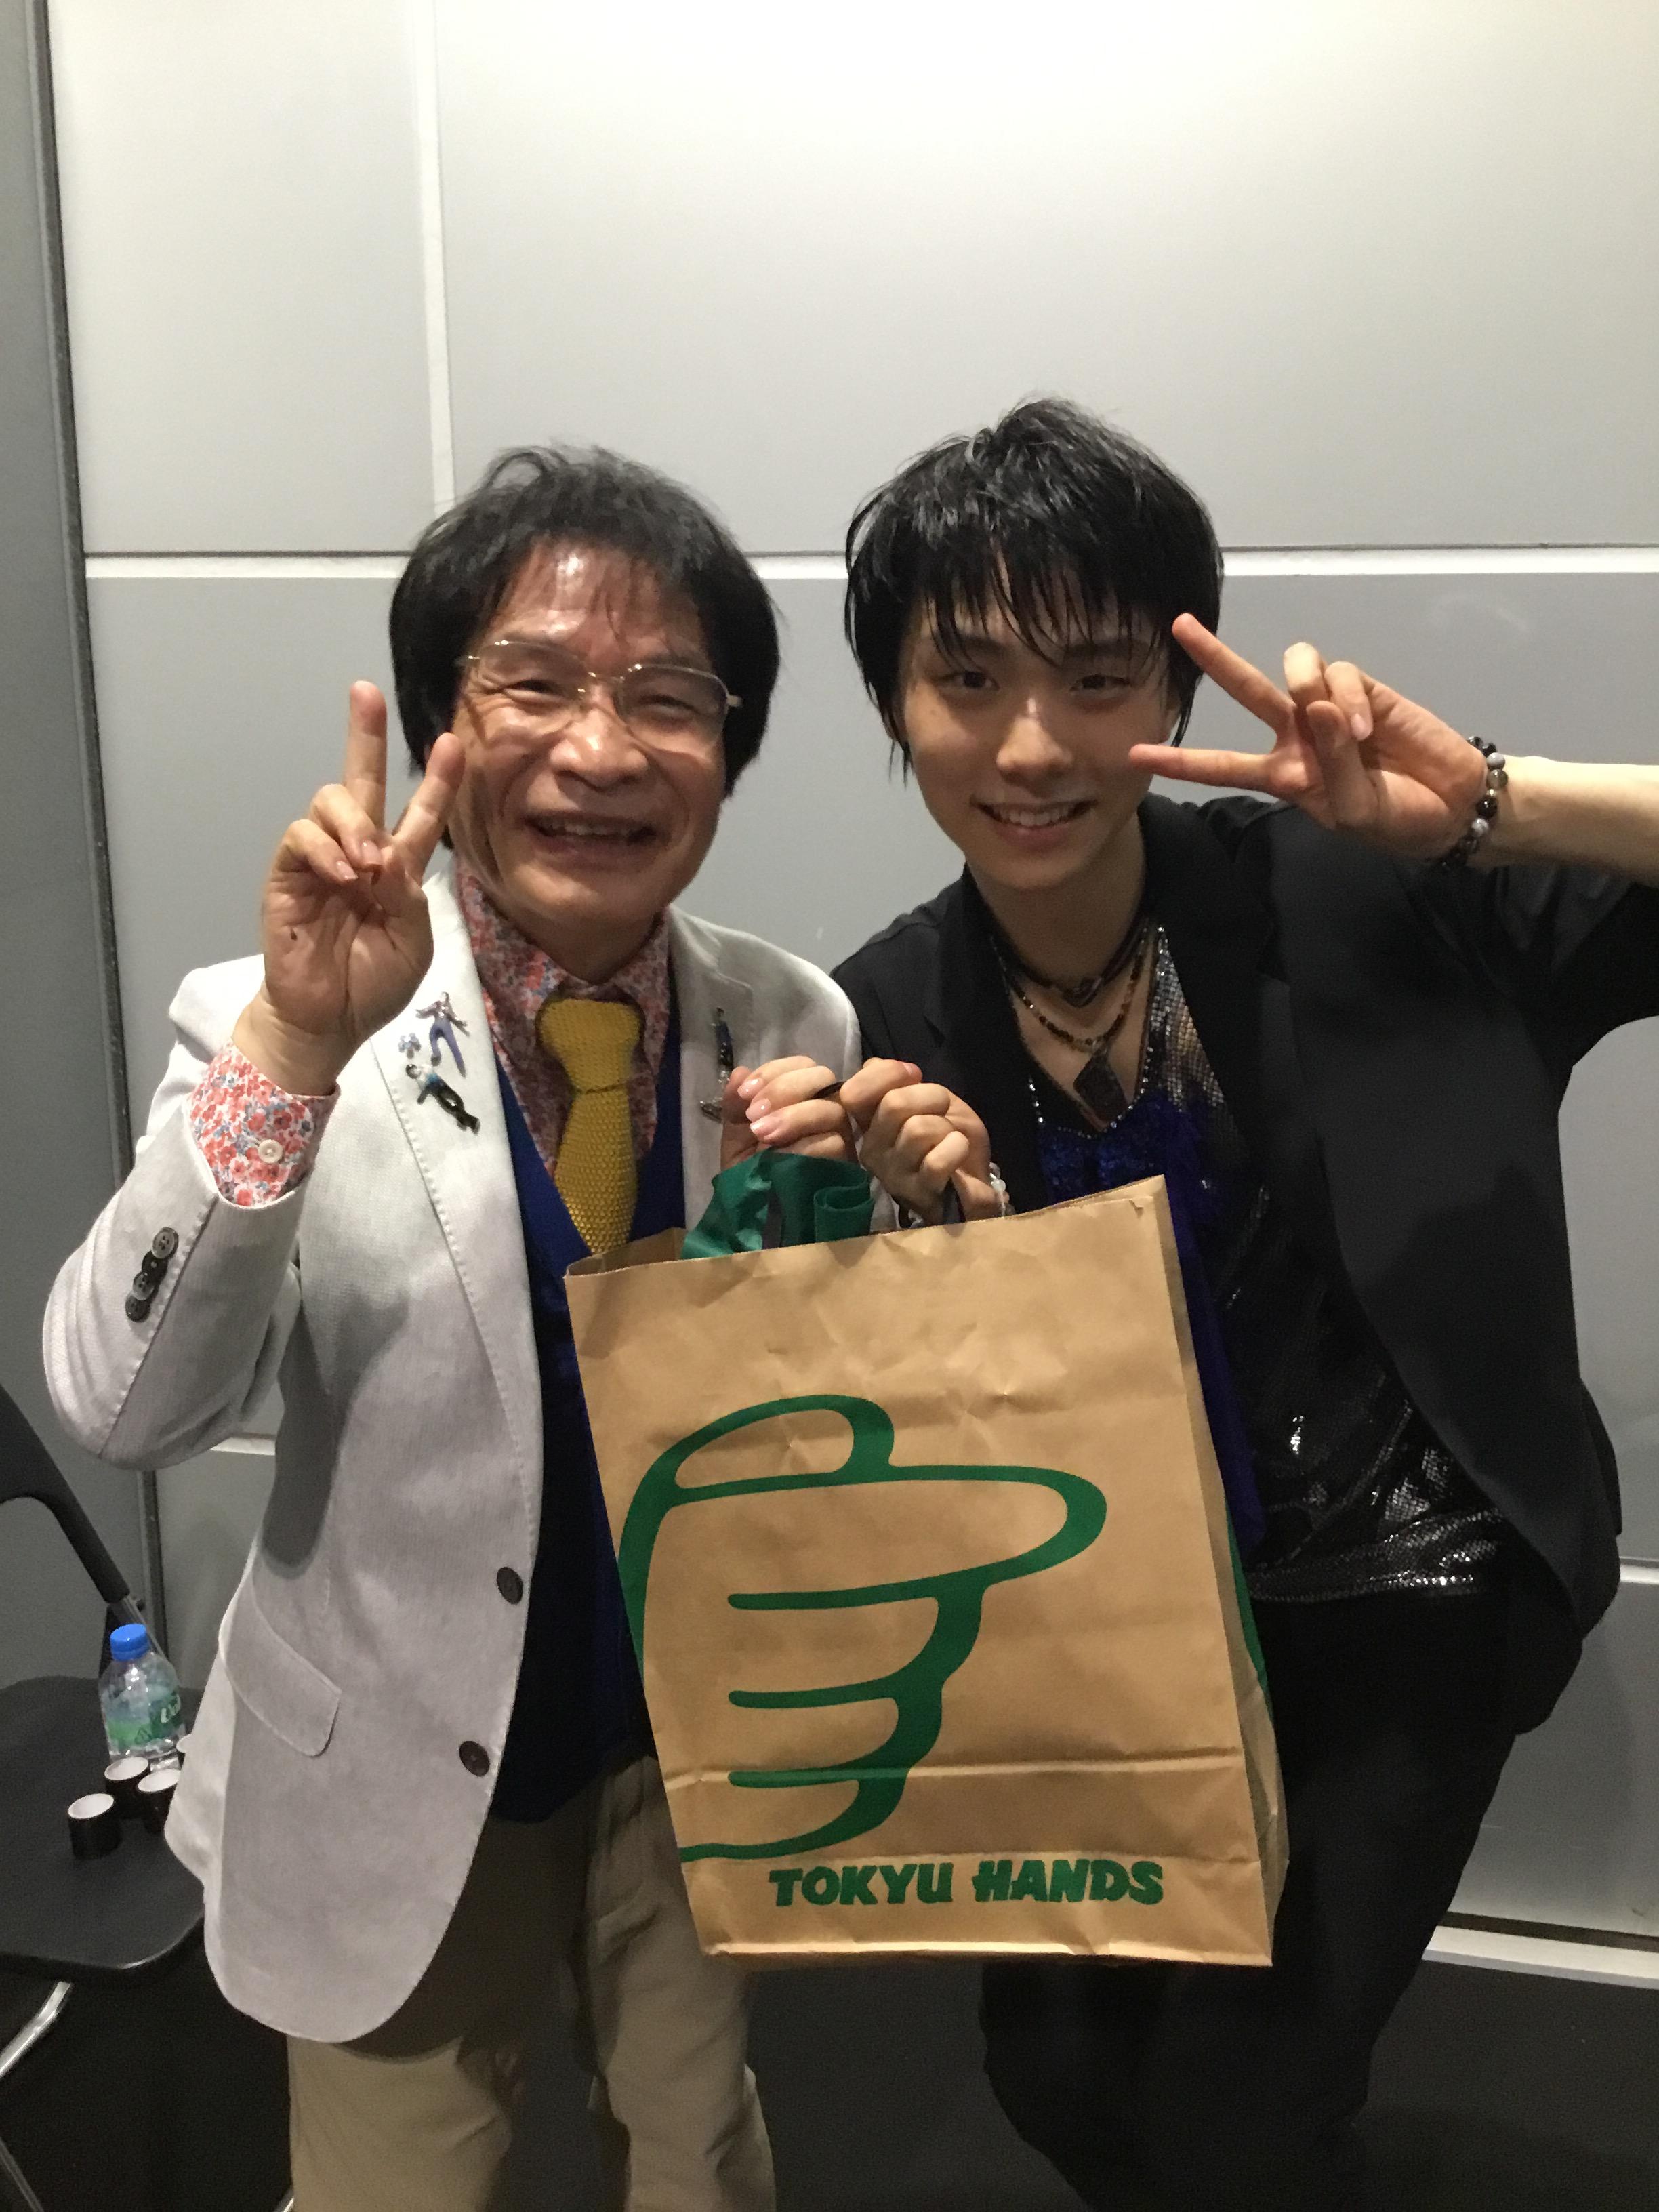 尾木ママも幸せそう。カッコいい羽生結弦選手とのツーショット写真を新たに公開&能登直撮影の写真がどれも素敵